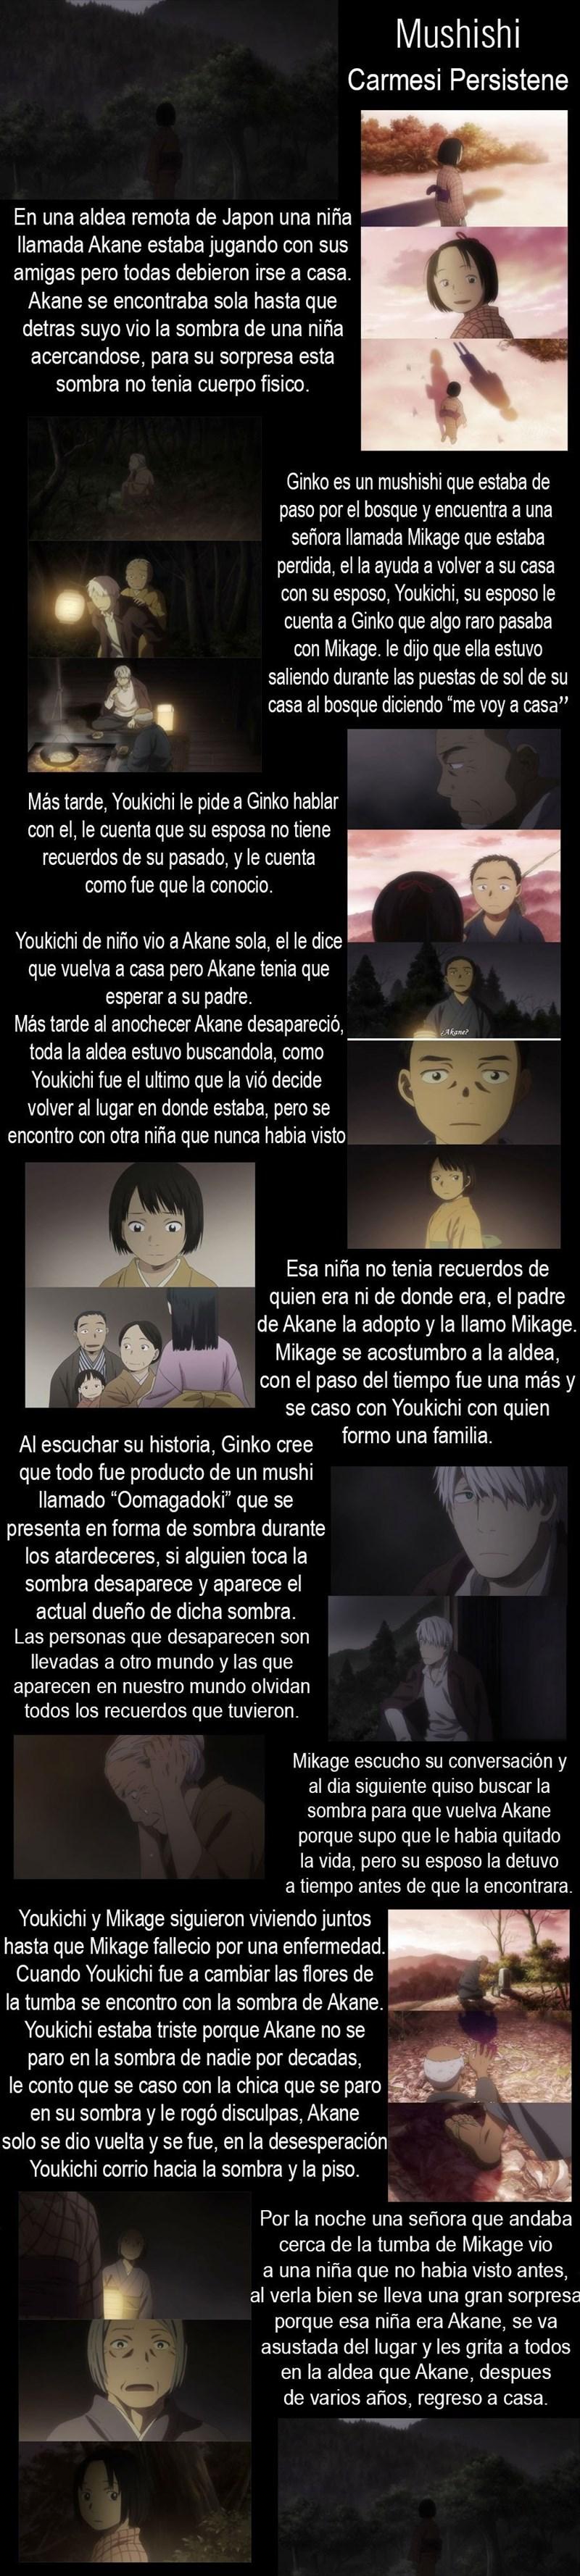 historia de terror japonesa